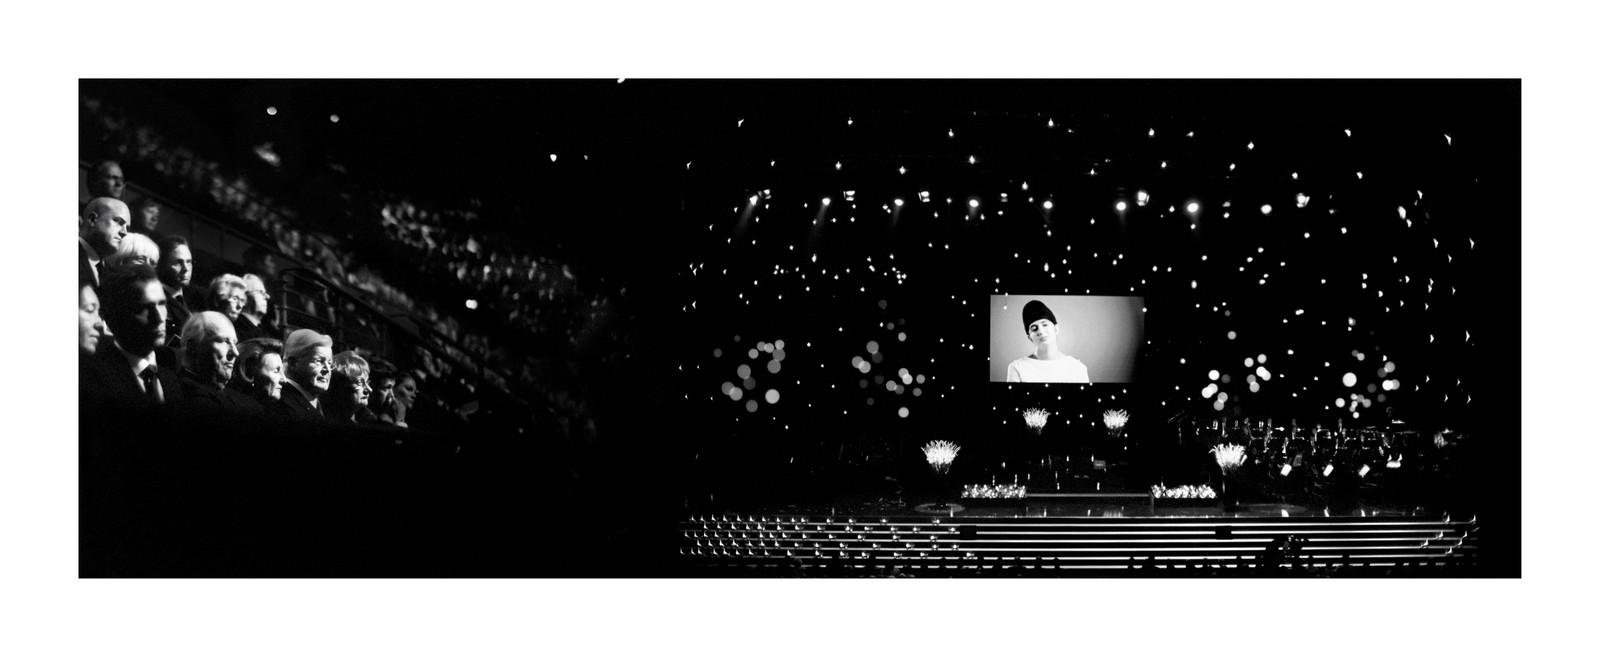 SOM EIT MØRKT HAV: Fotograf Morten Krogvold skildrar publikumsområda under minnemarkeringa som eit mørkt hav. – Eg valde å konsentrere meg om enkelte personar, seier Krogvold, som mellom anna tok dette biletet då andletet til Prableen Kaur lyste opp på storskjermane.